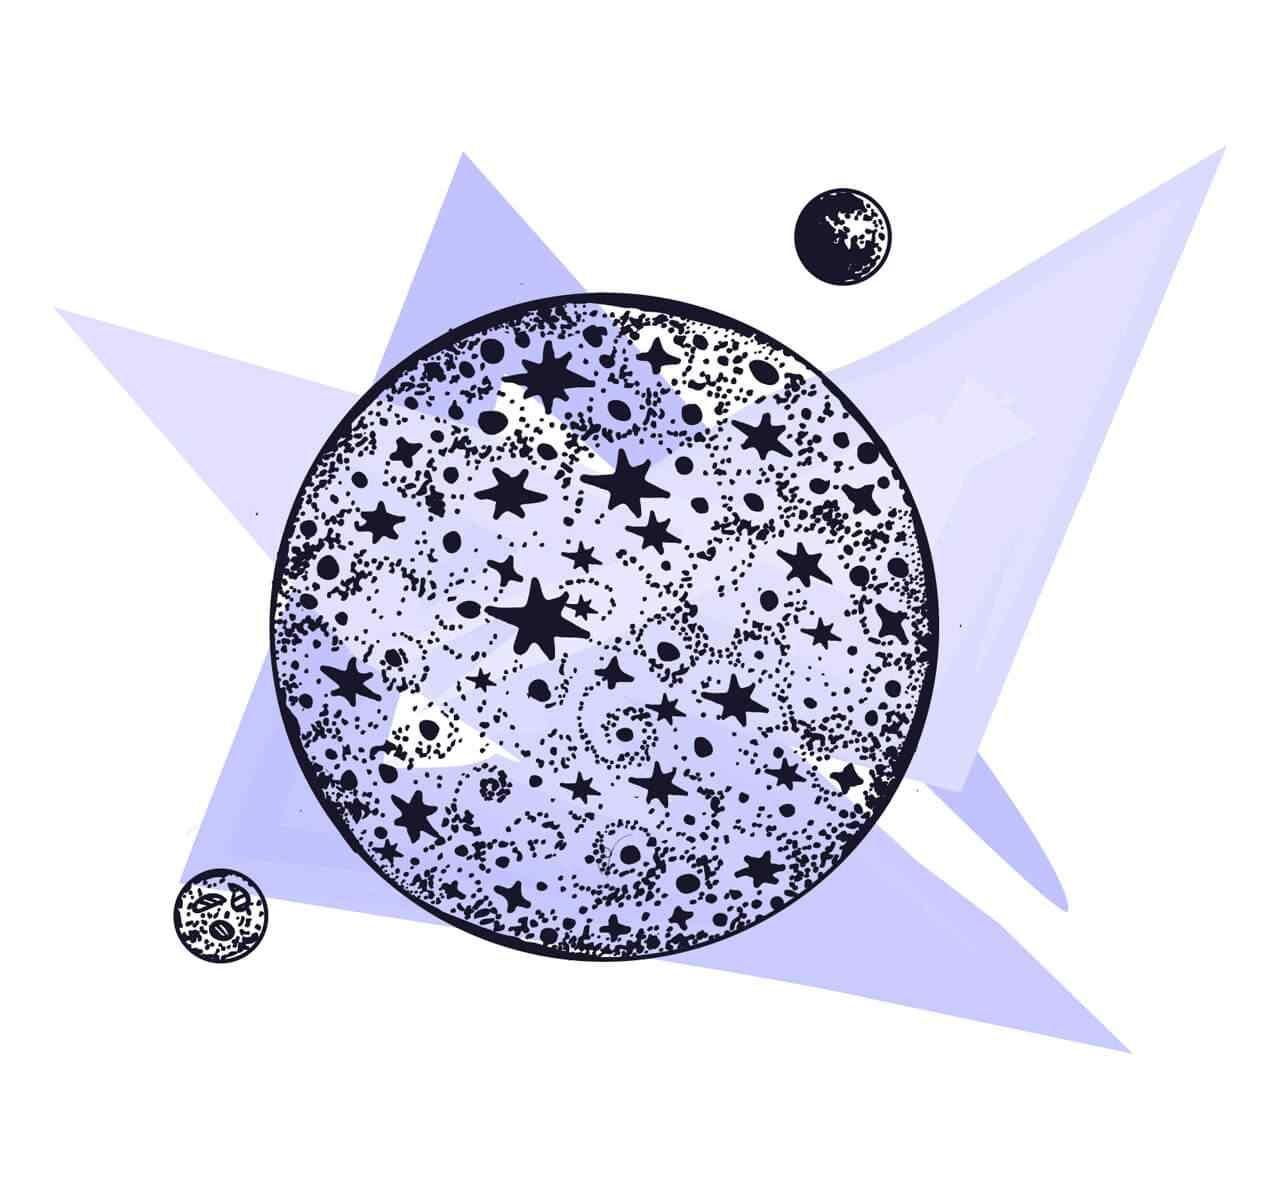 L'Importanza della Luna in Astrologia